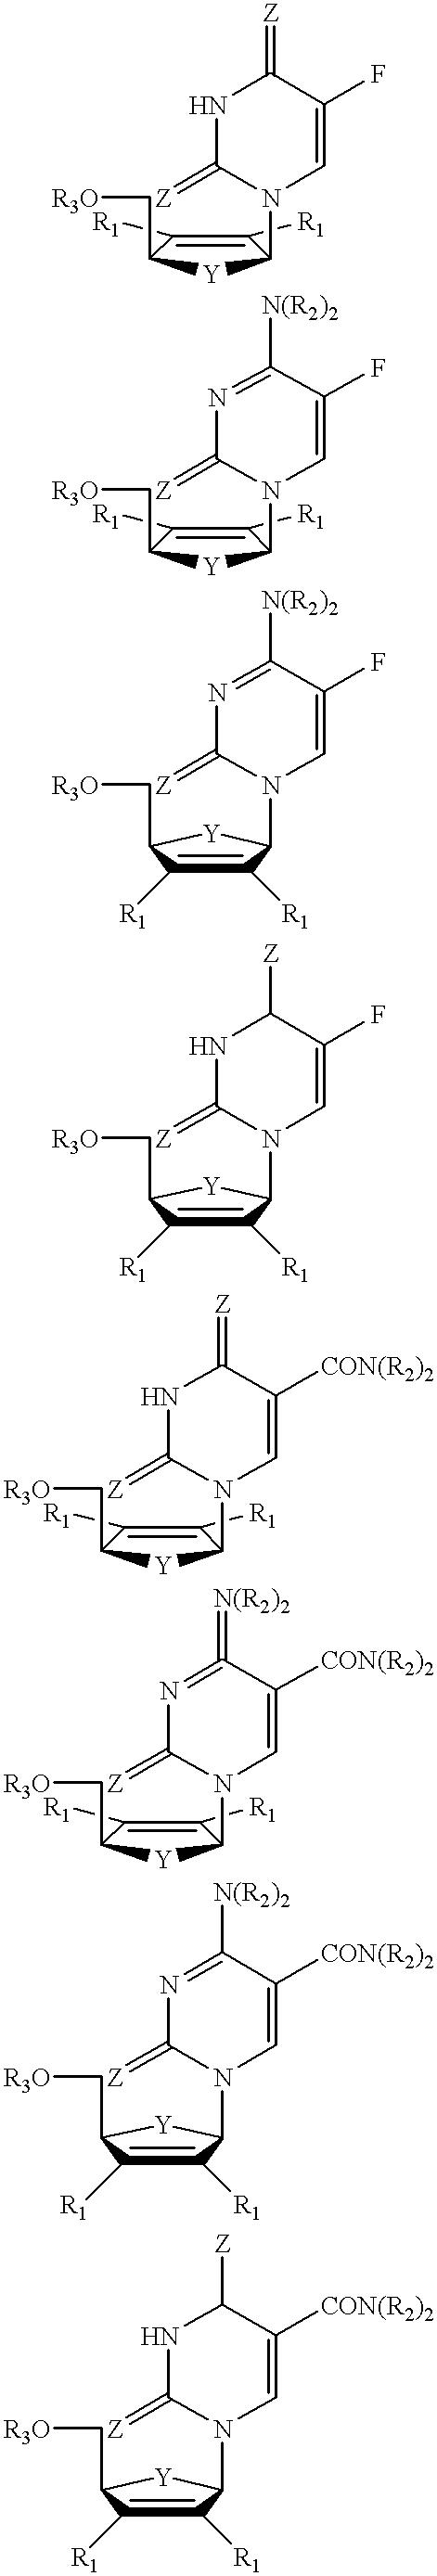 Figure US06232300-20010515-C00002